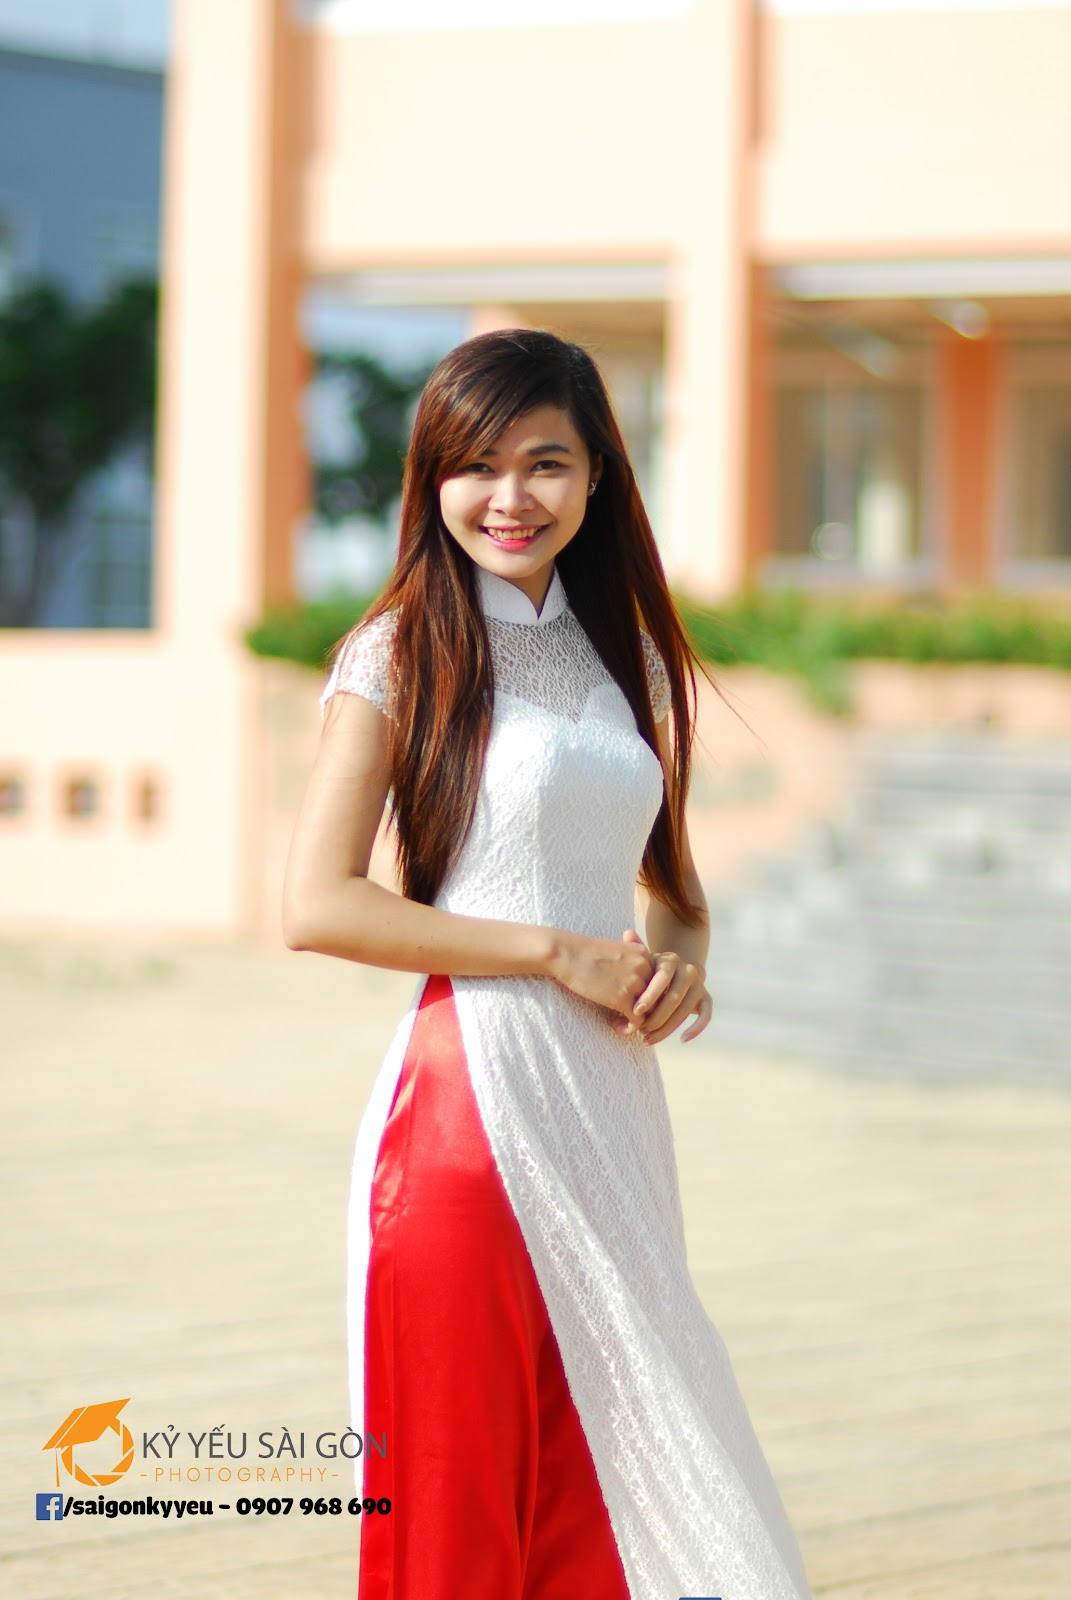 49 cách tạo dáng chụp ảnh với áo dài tuyệt đẹp - HThao Studio